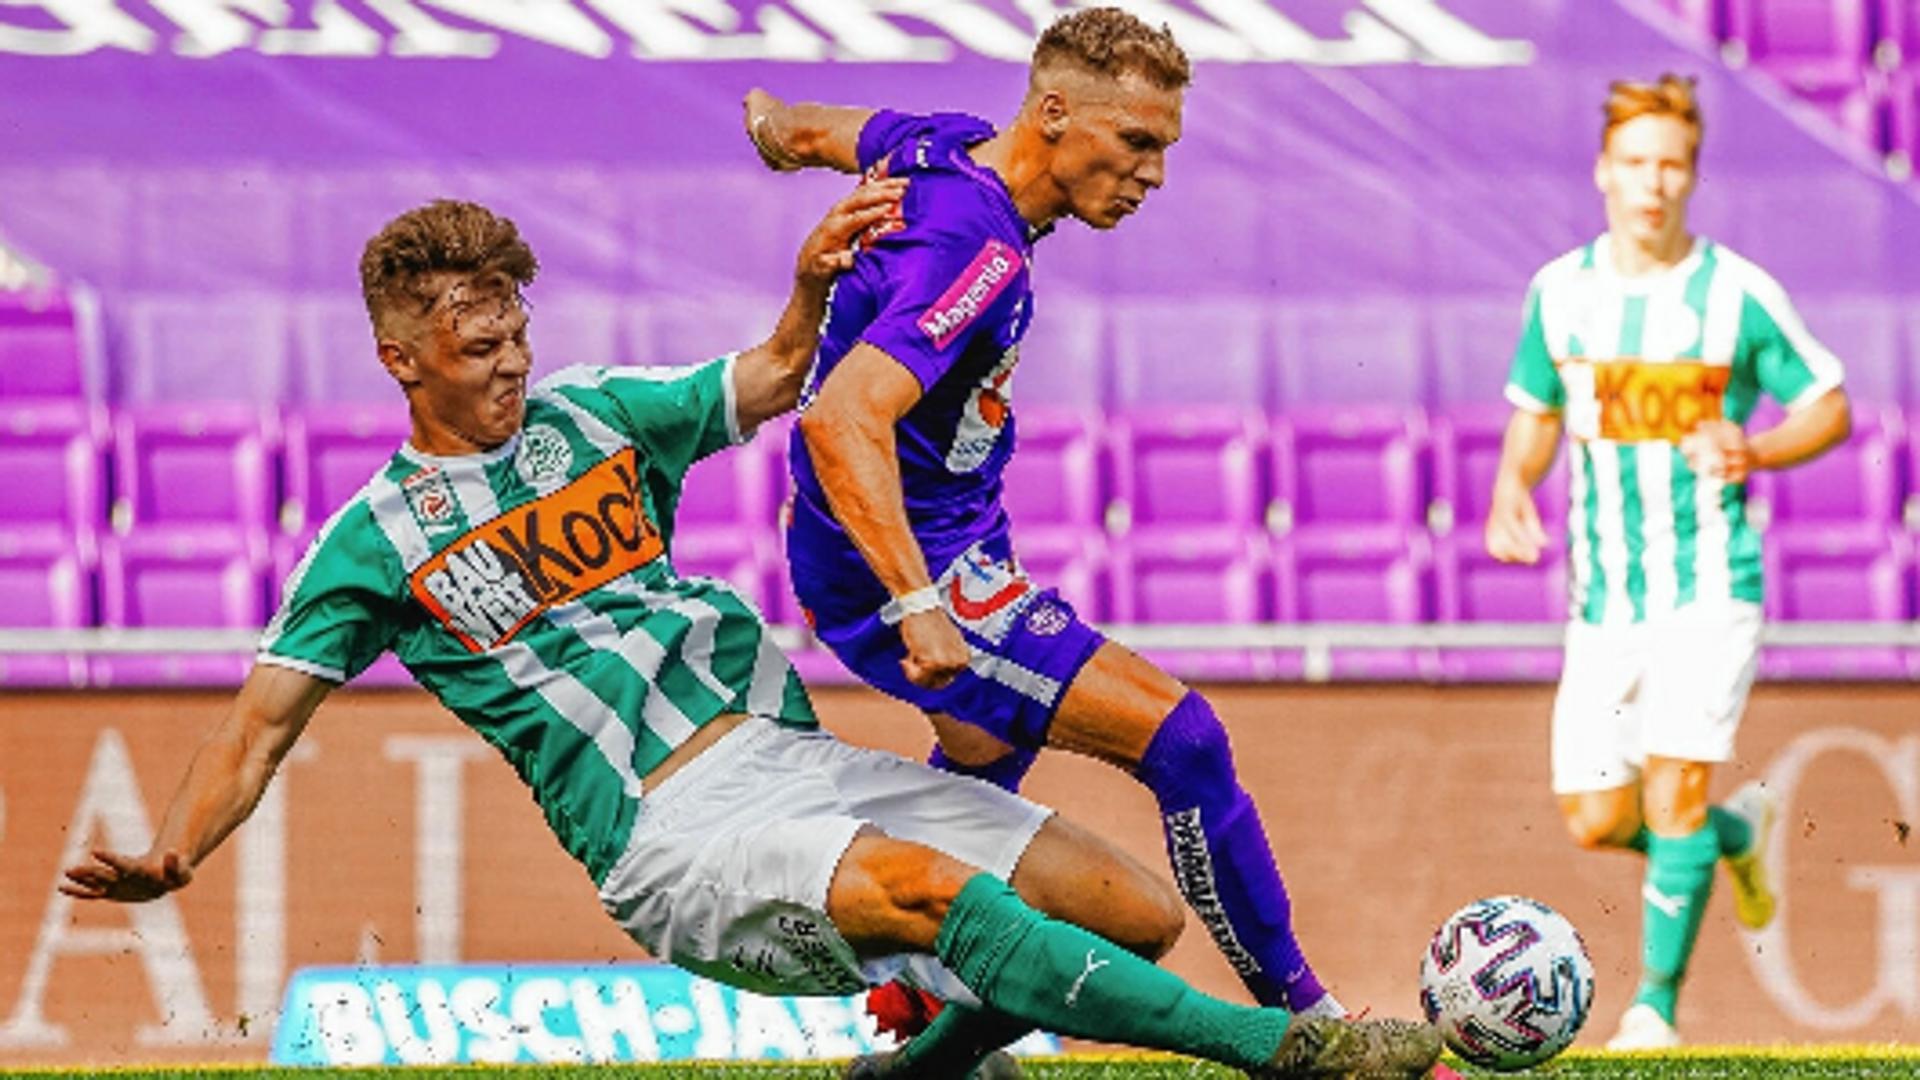 Bei Mattersburg reifte das U19-Juwel Nemeth